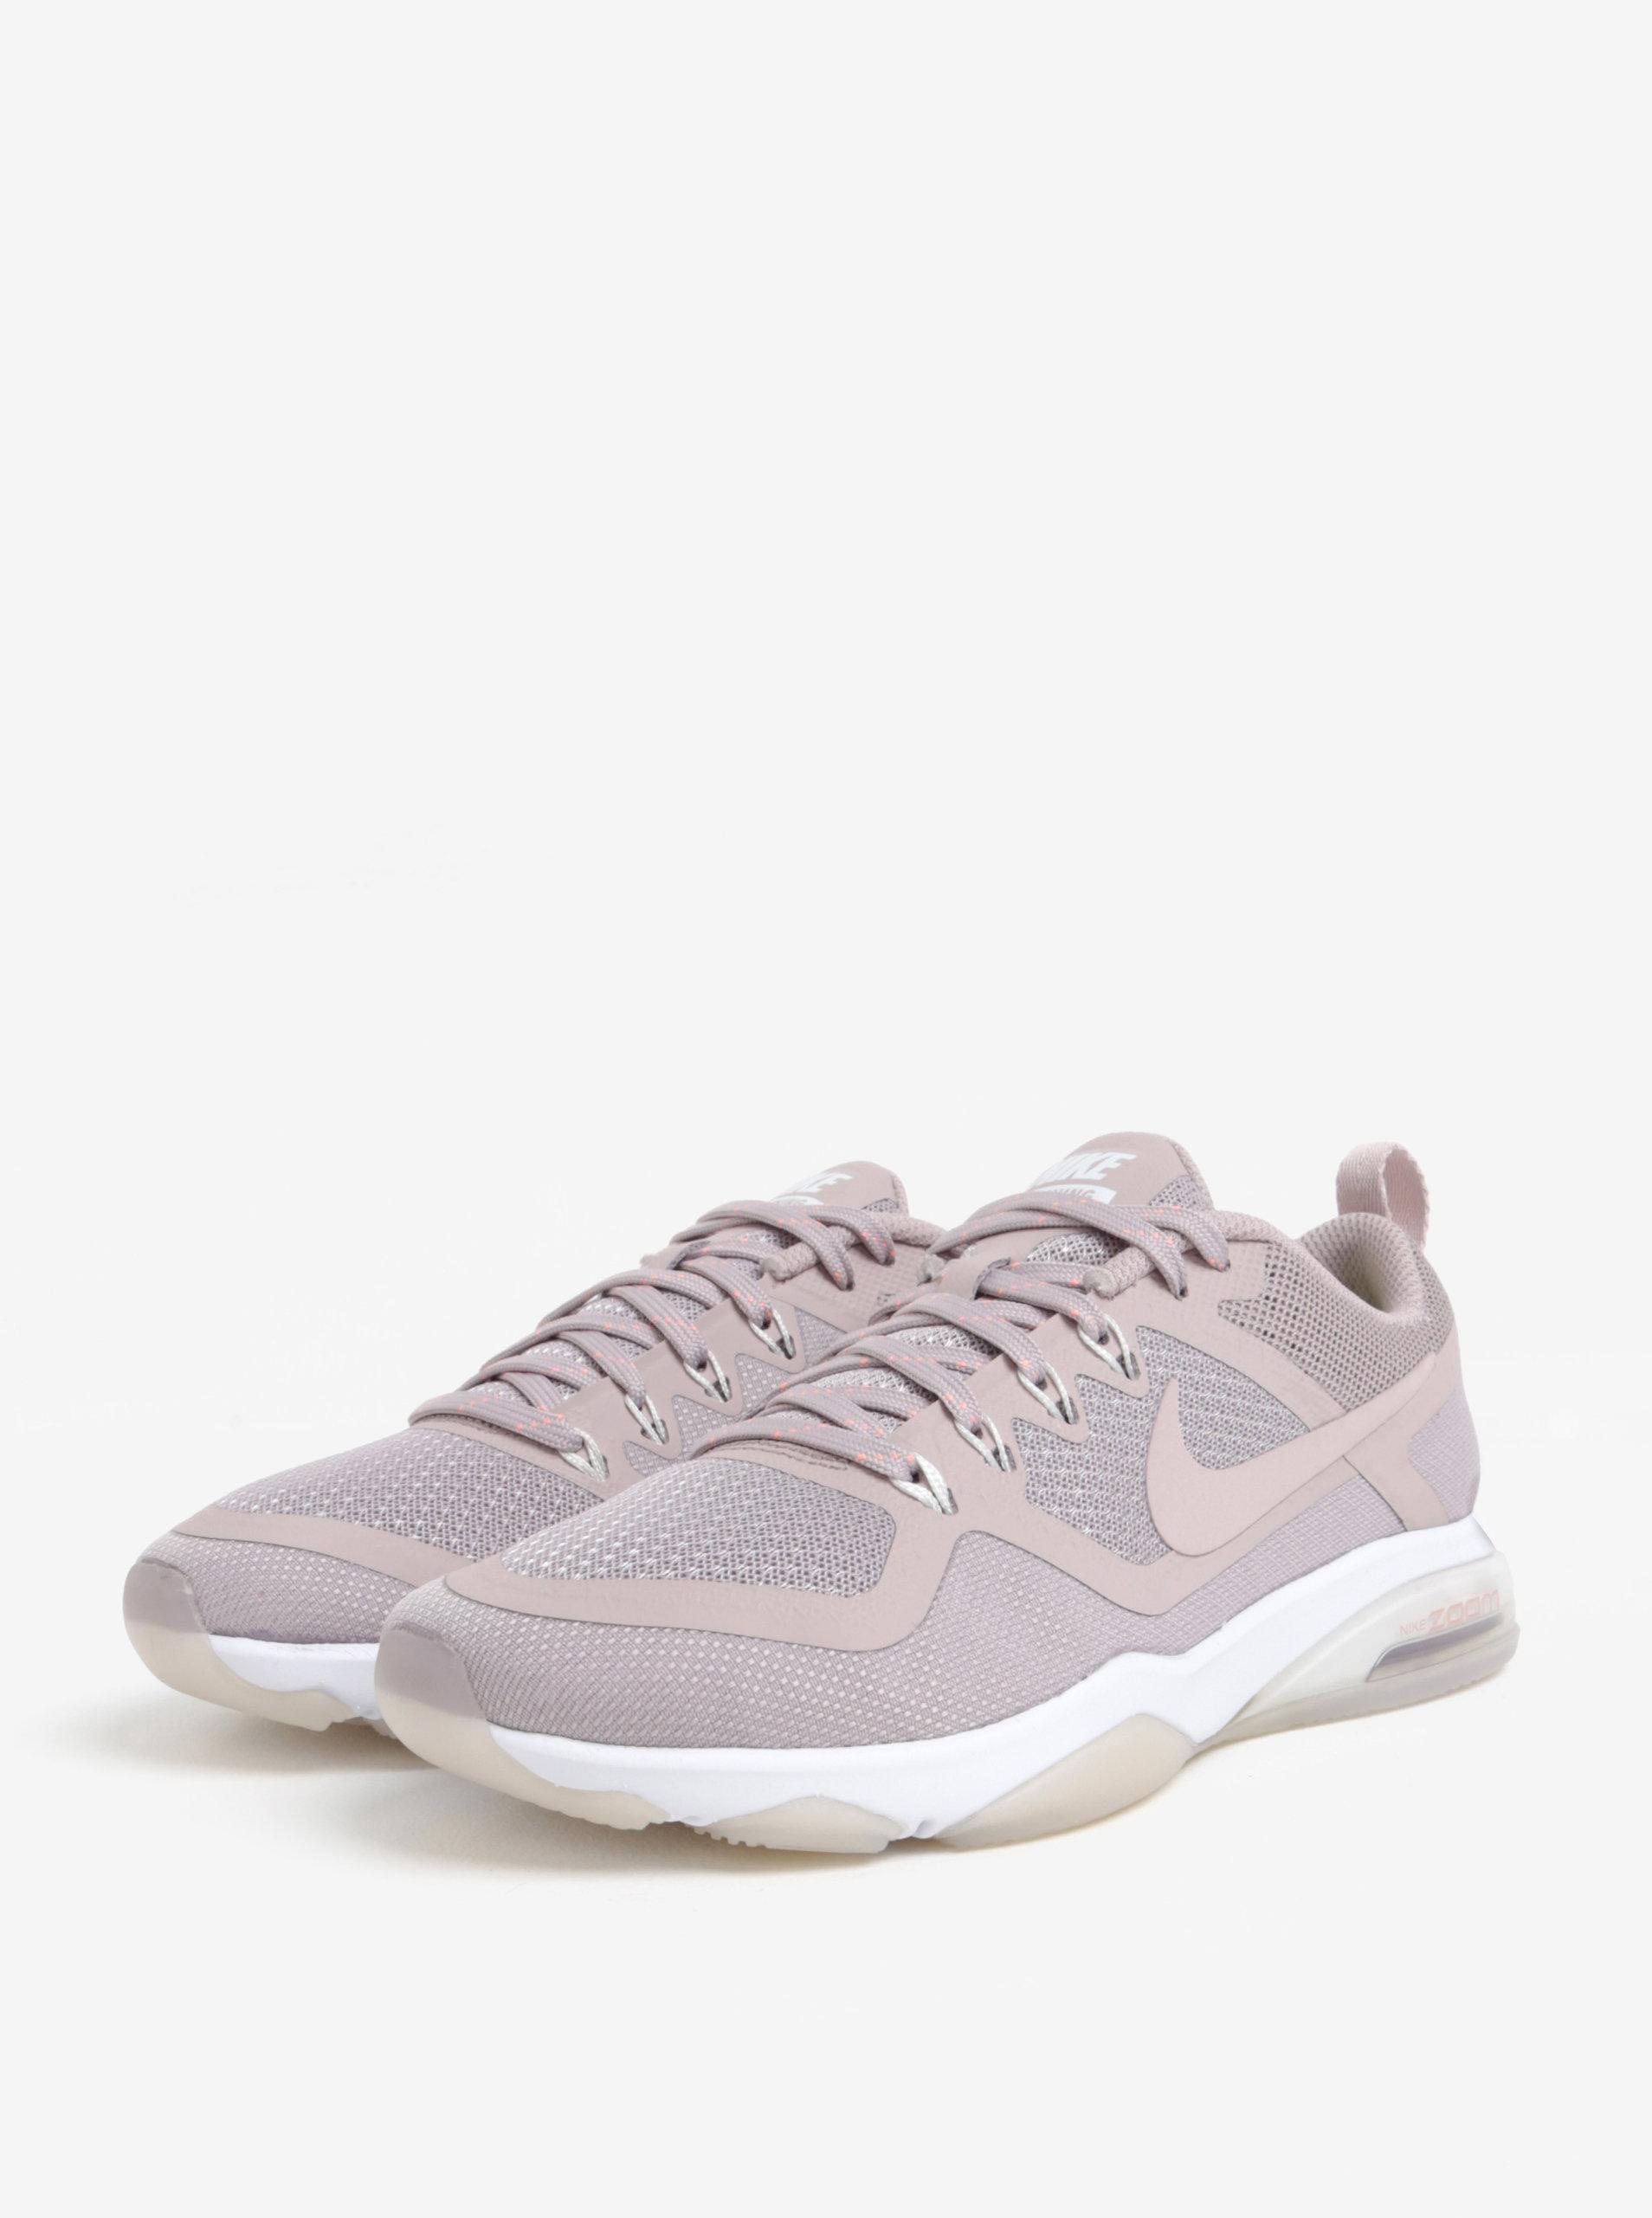 Starorůžové dámské tenisky Nike Zoom Fitness Training ... 223c04a194